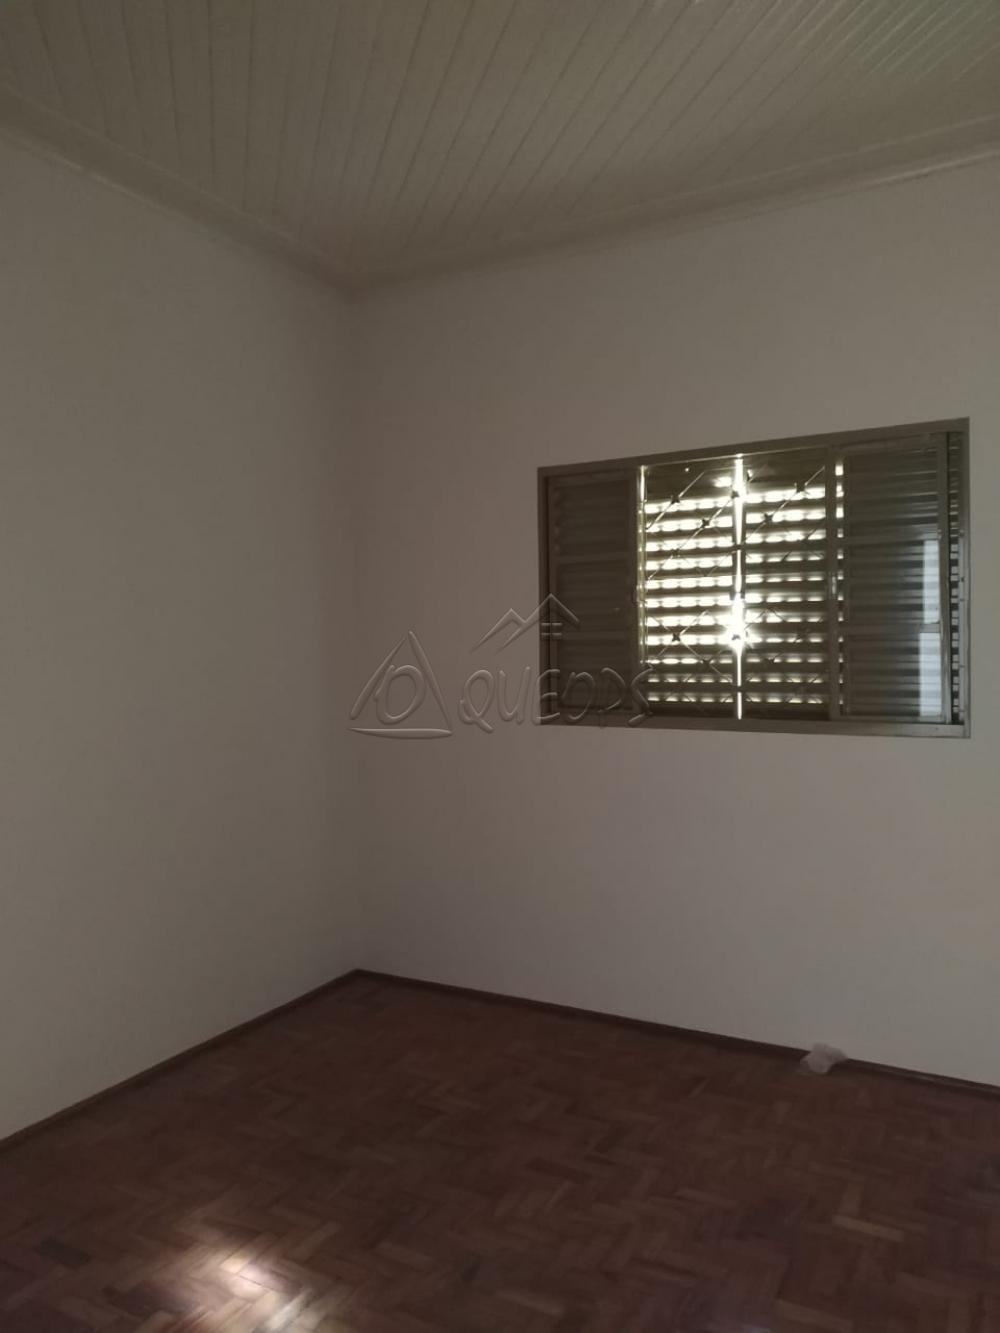 Comprar Casa / Padrão em Barretos apenas R$ 220.000,00 - Foto 7